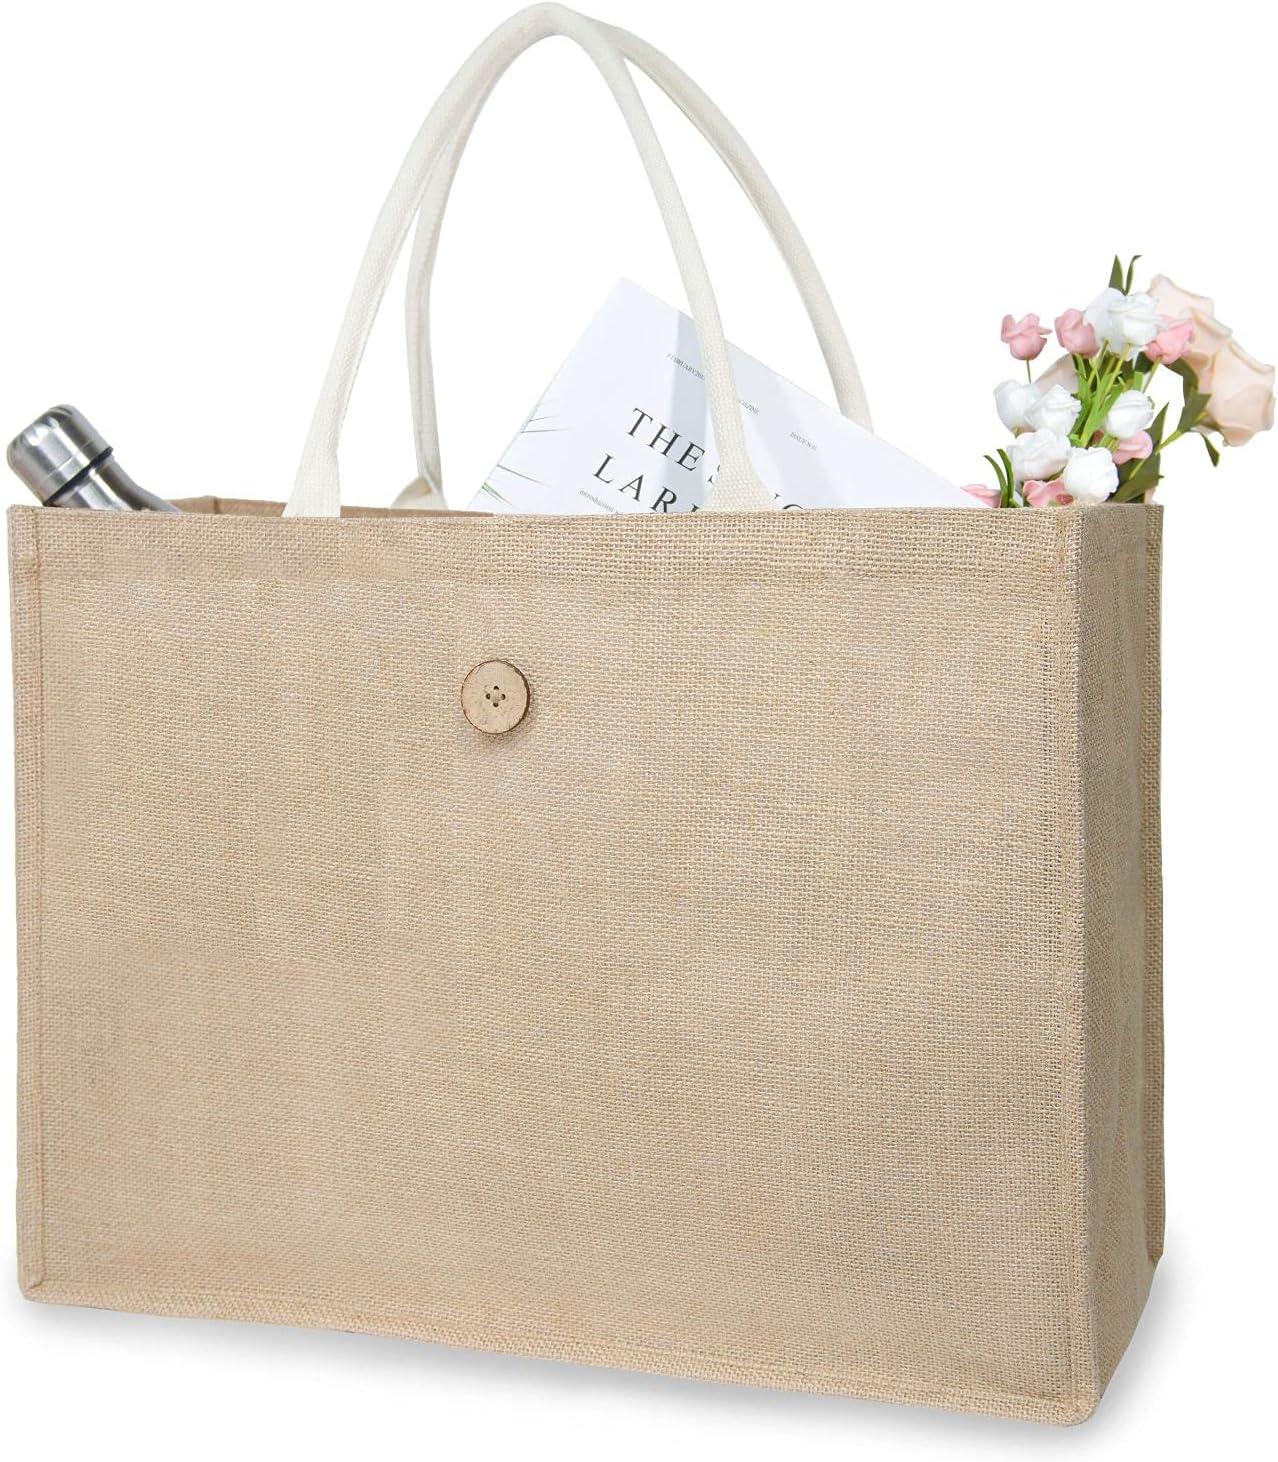 NPBAG Waterproof Tote Bag for 2021 new †Jute Premium New mail order – Women